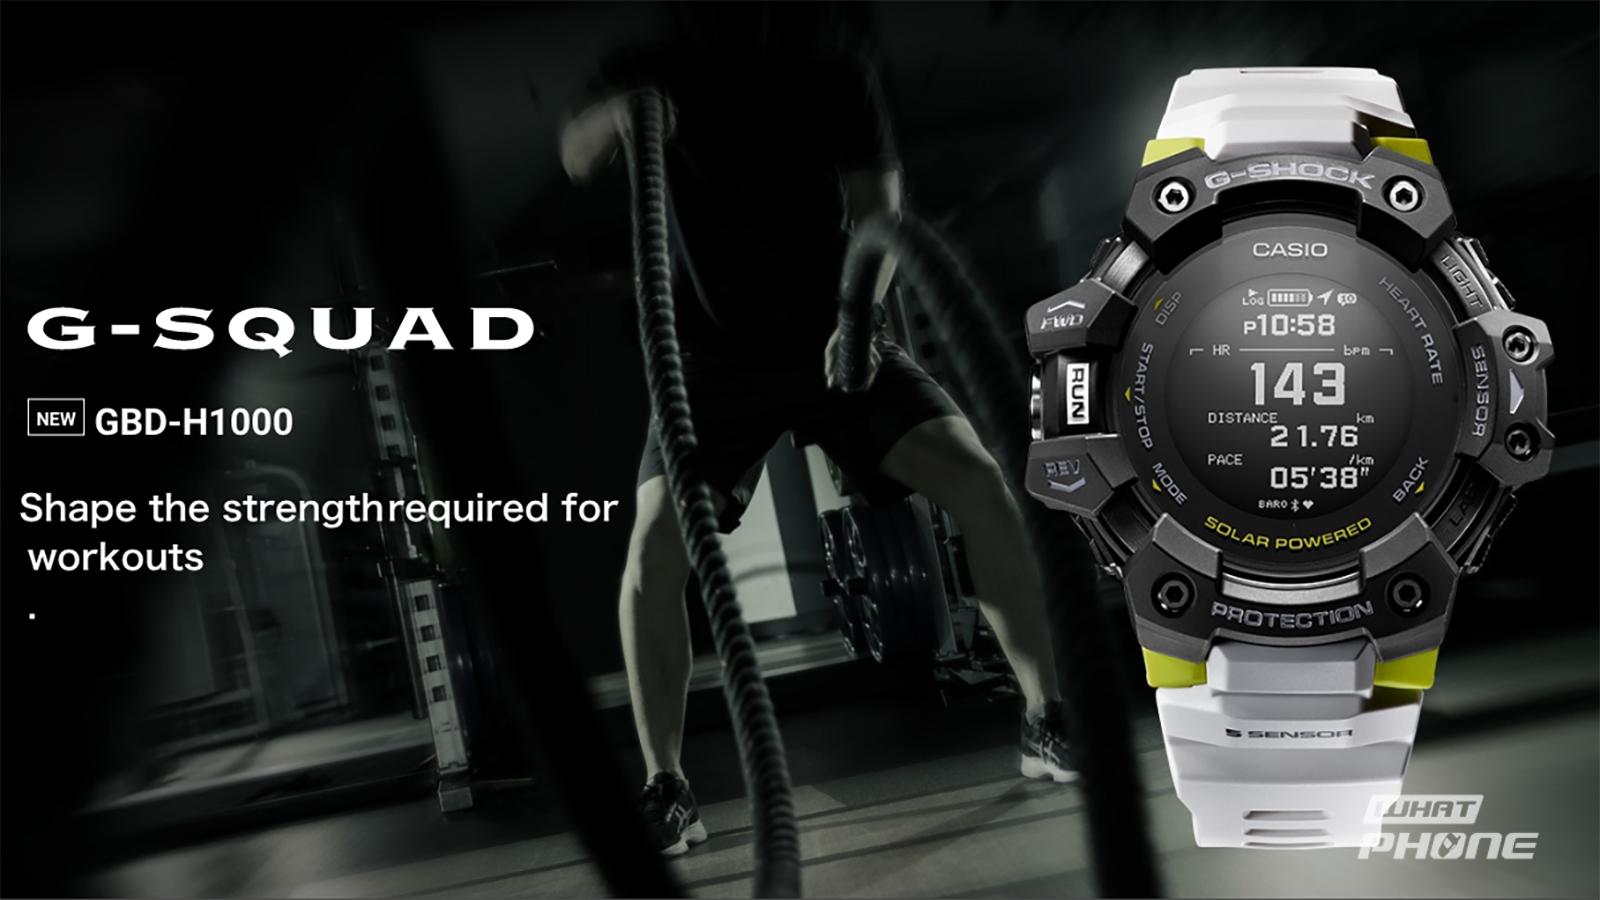 Casio เปิดตัว G-Shock GBD-H1000 นาฬิกาออกกำลังกาย มี GPS, วัดการเต้นหัวใจในตัว แบตอึด 12 เดือน